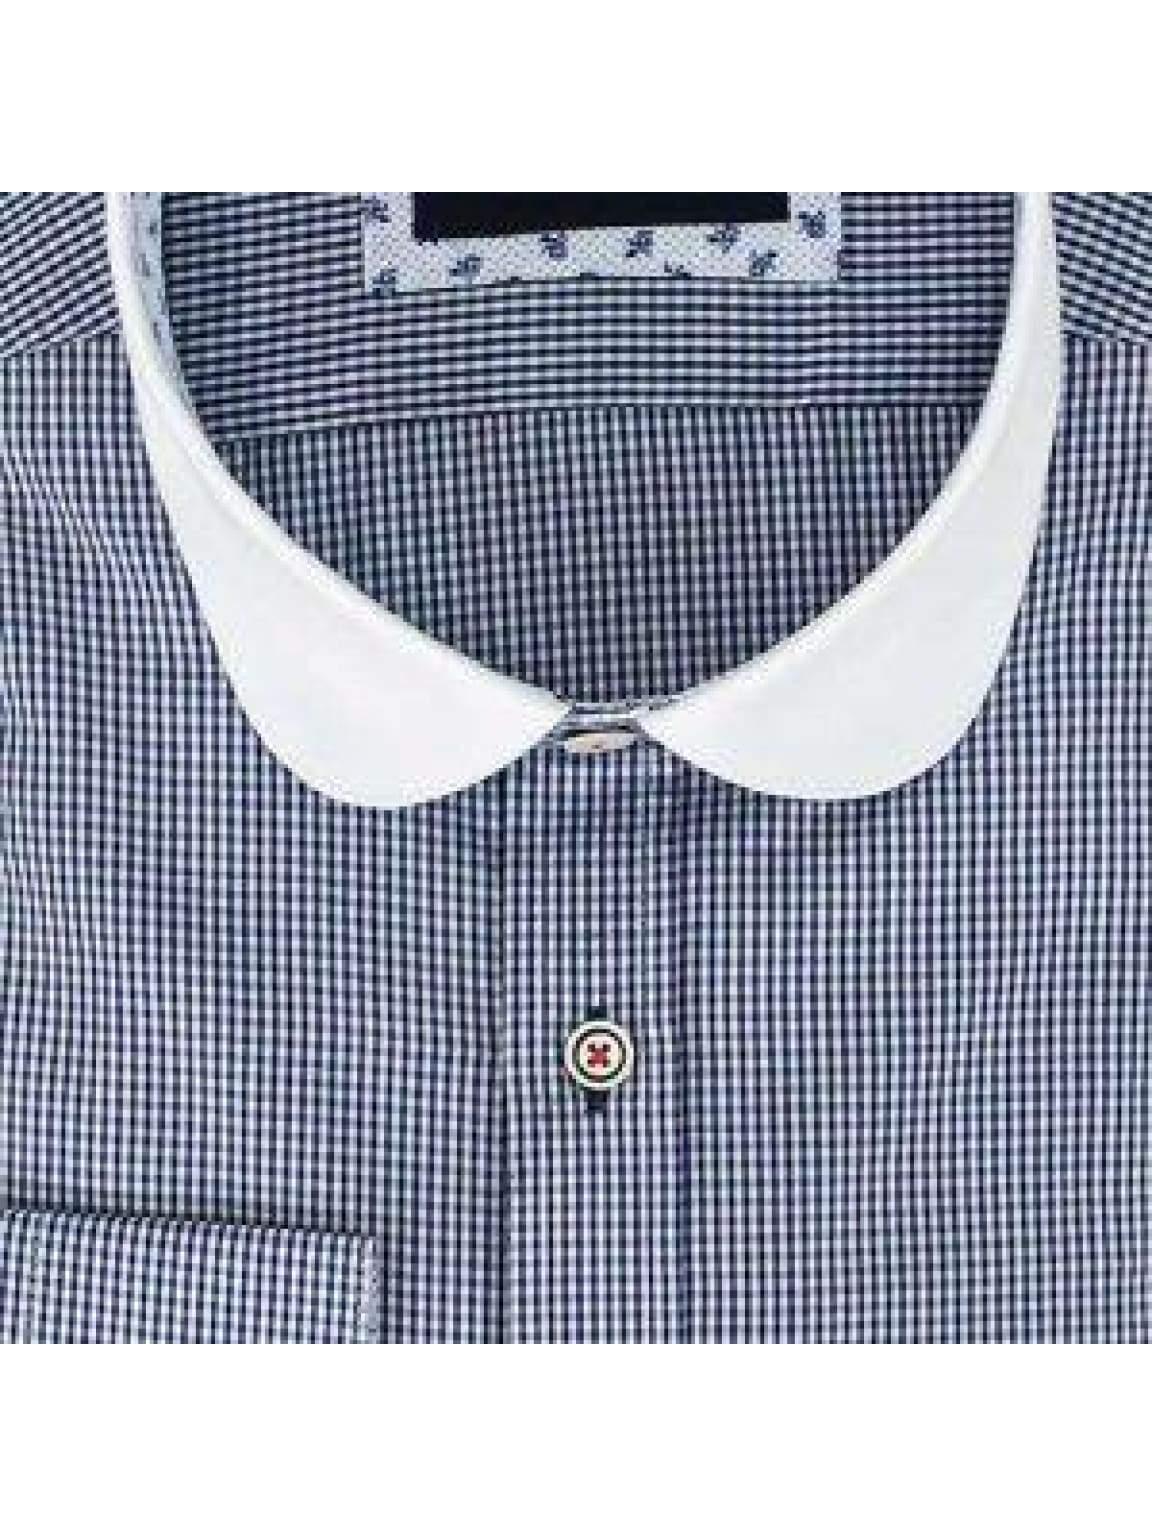 Mens Designer Cavani Shirt Cotton Brown Blue Check Smart Casual Suit Shirt